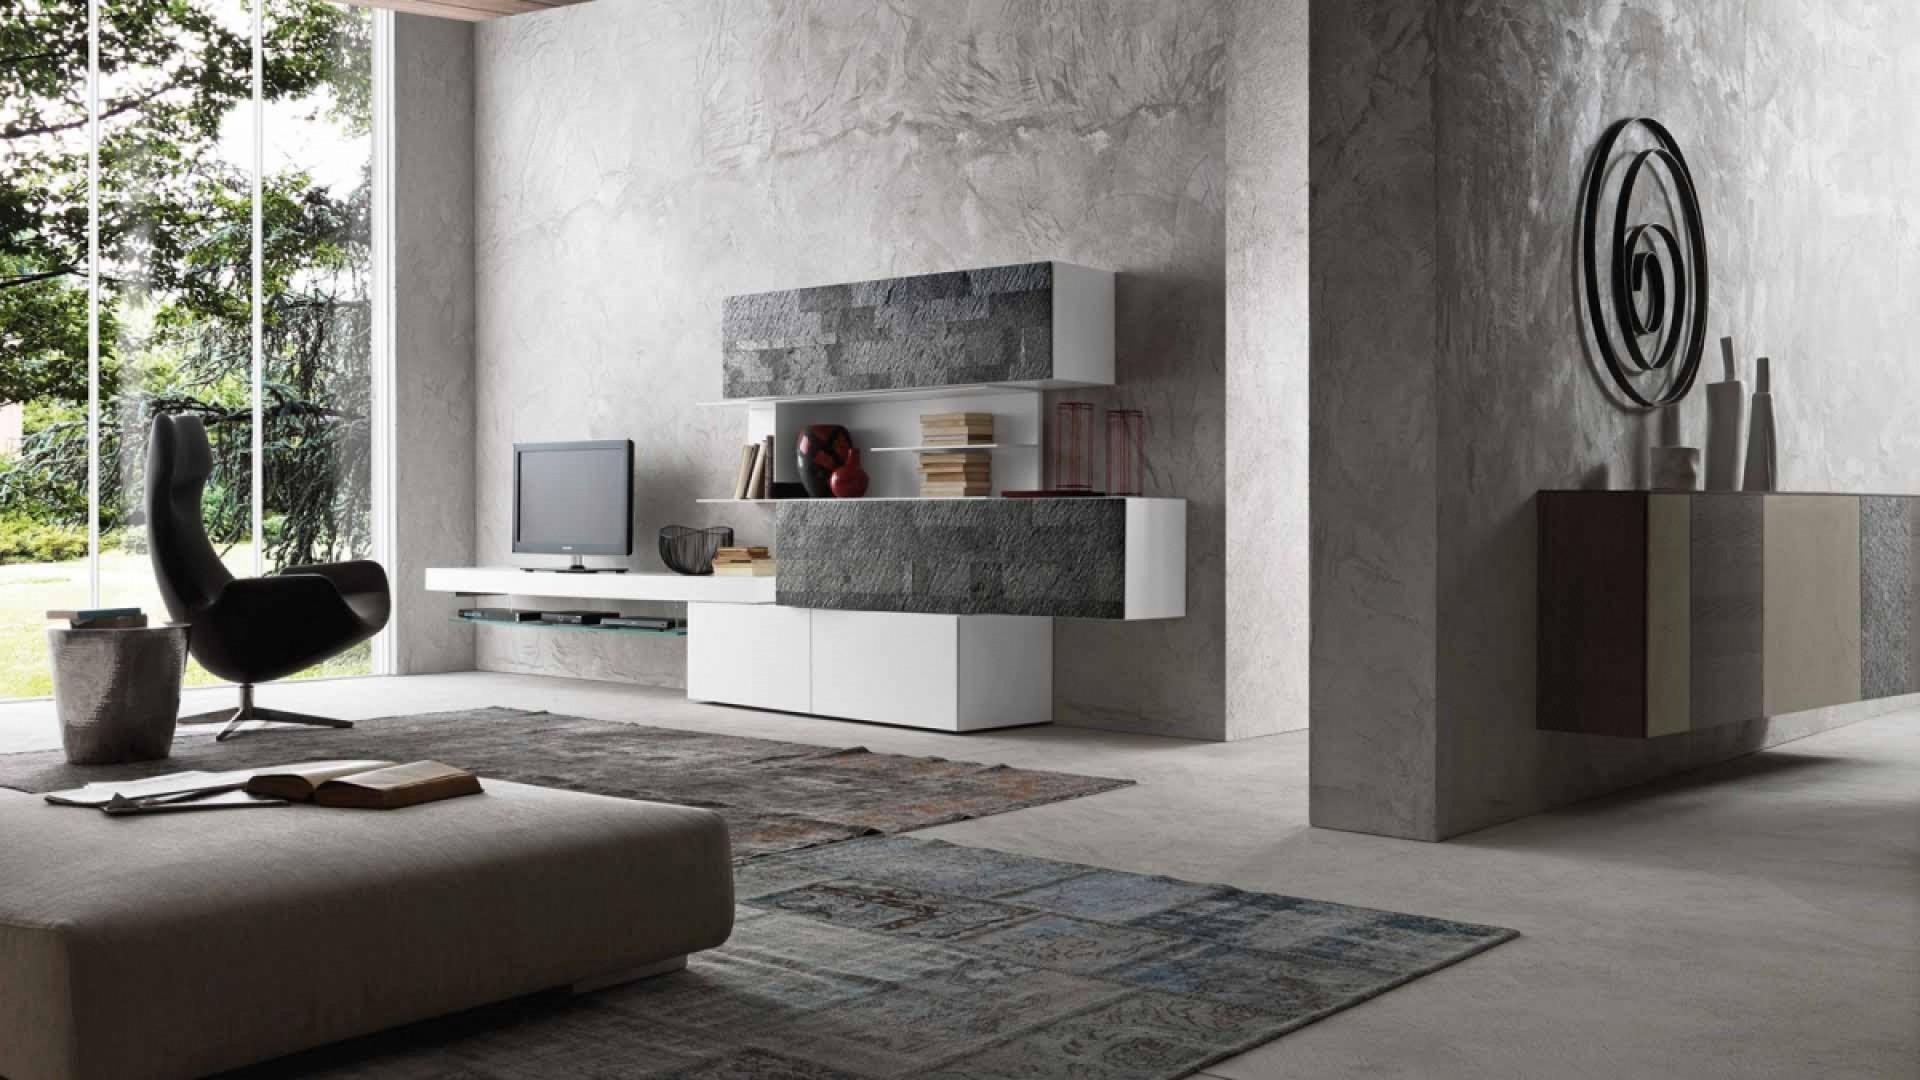 Gruppo inventa mobili per la casa for Presotto mobili